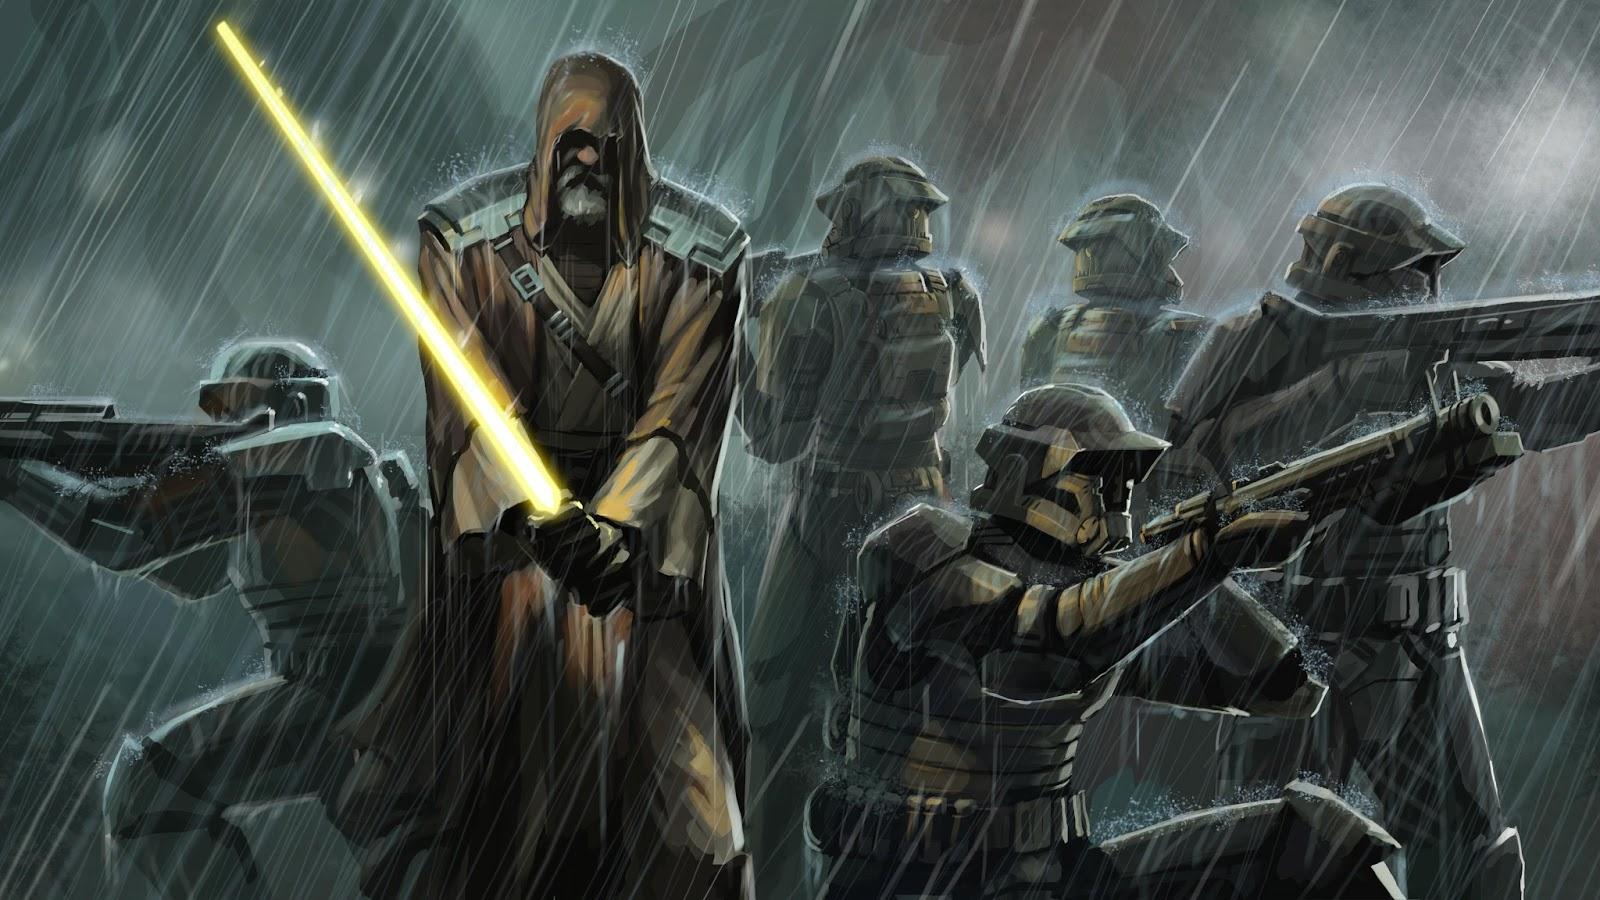 Star Wars 7 Hd